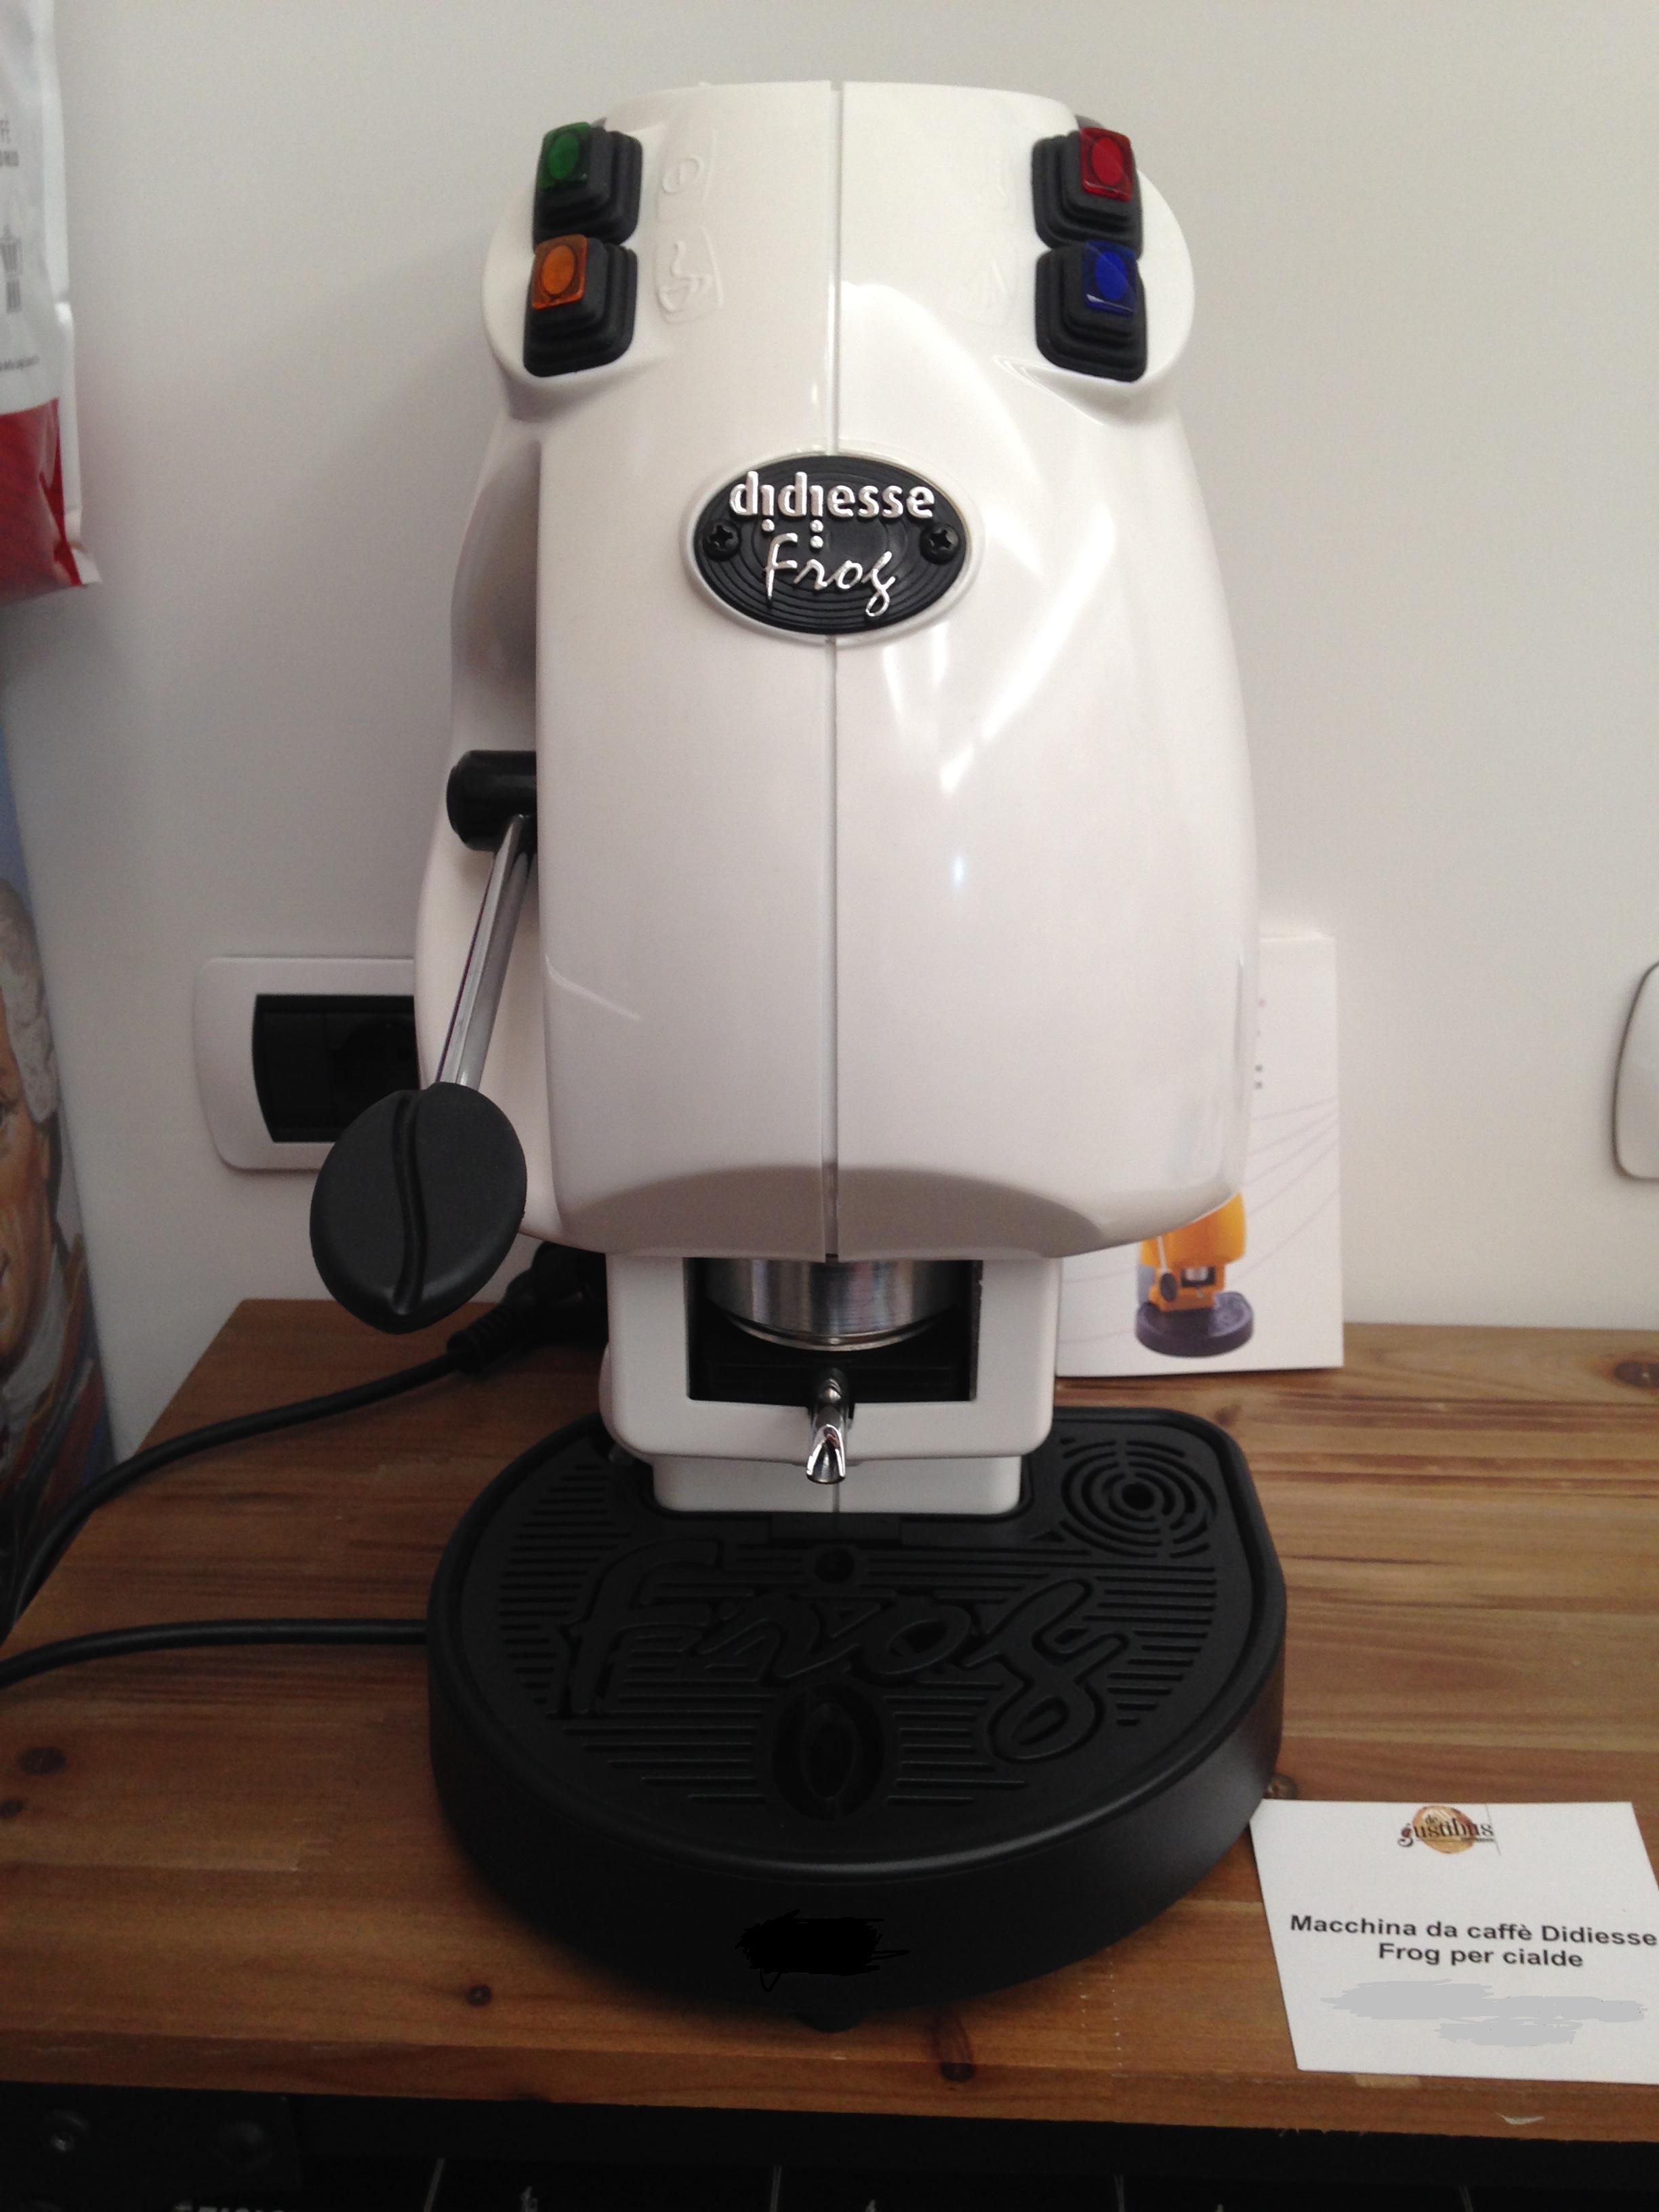 Didiesse frog macchina da caffé per cialde